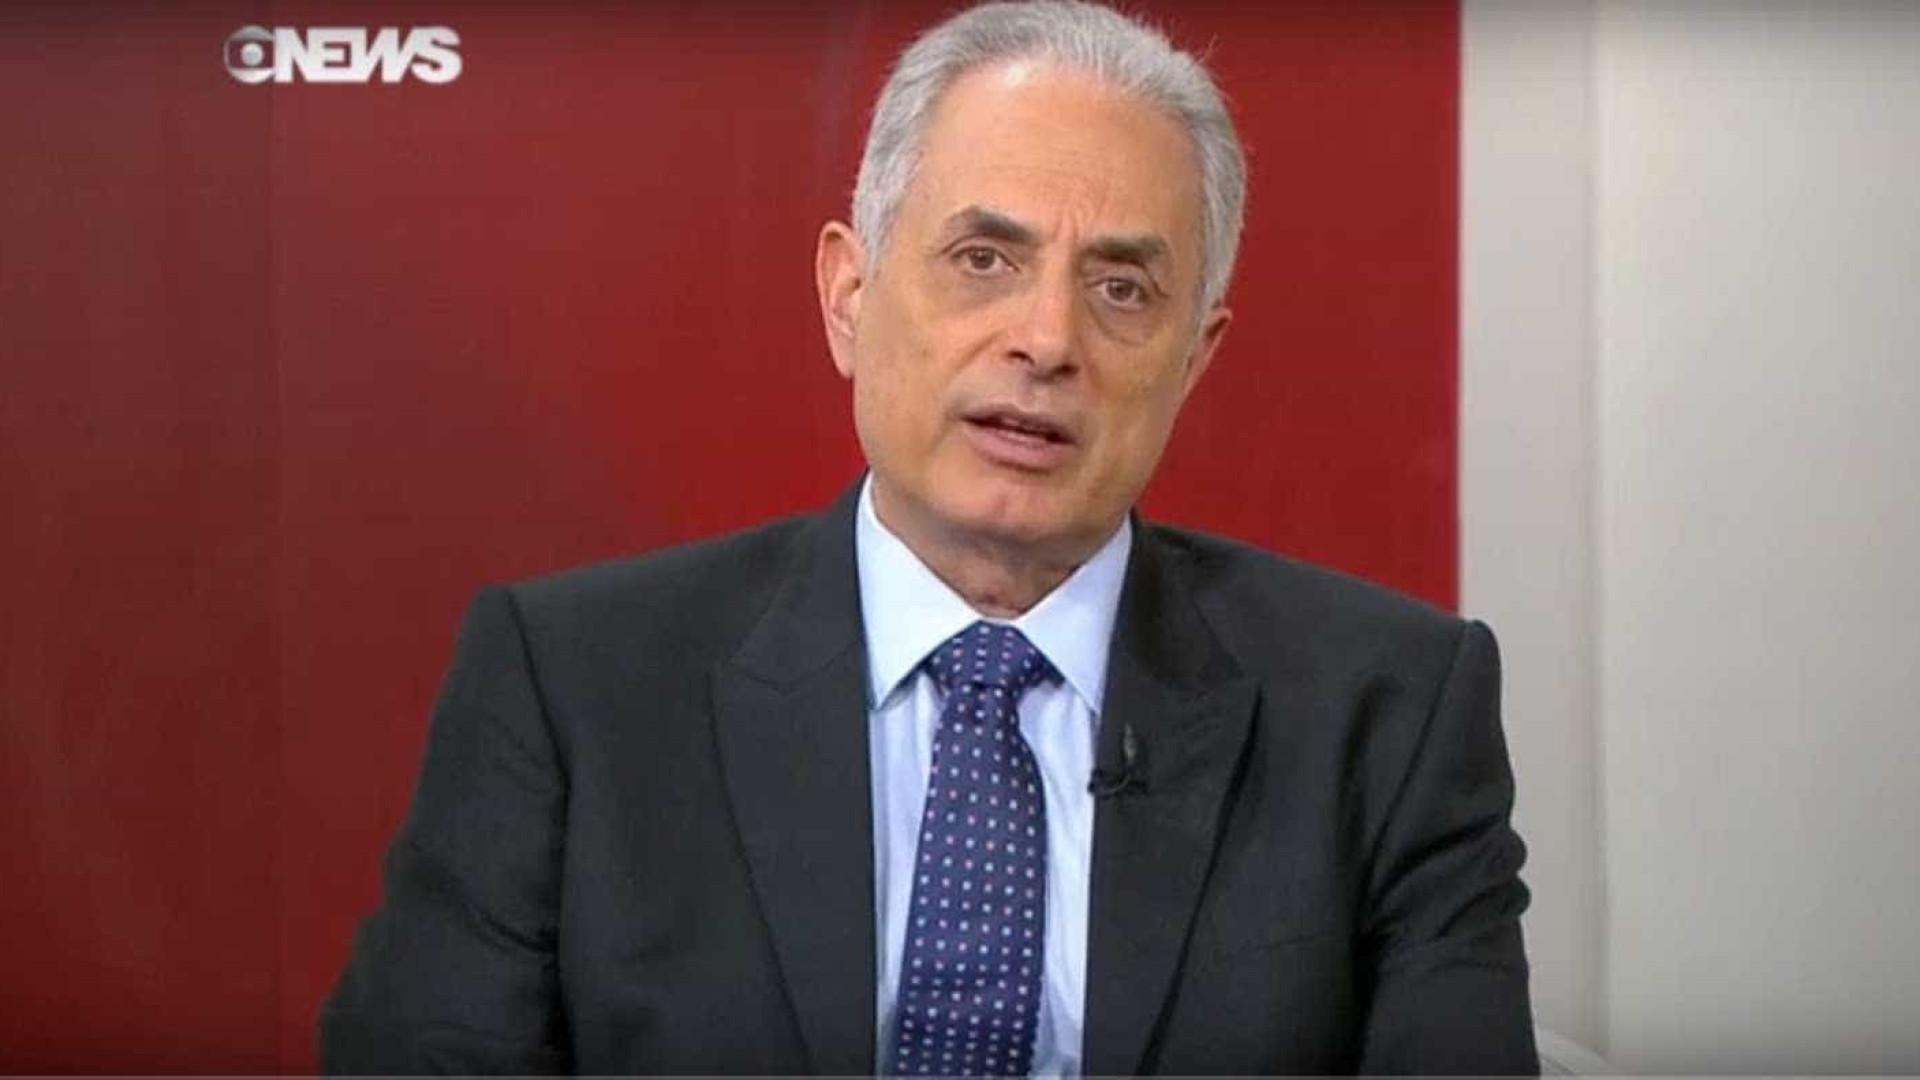 Substituta de William Waack estreia na GloboNews neste sábado